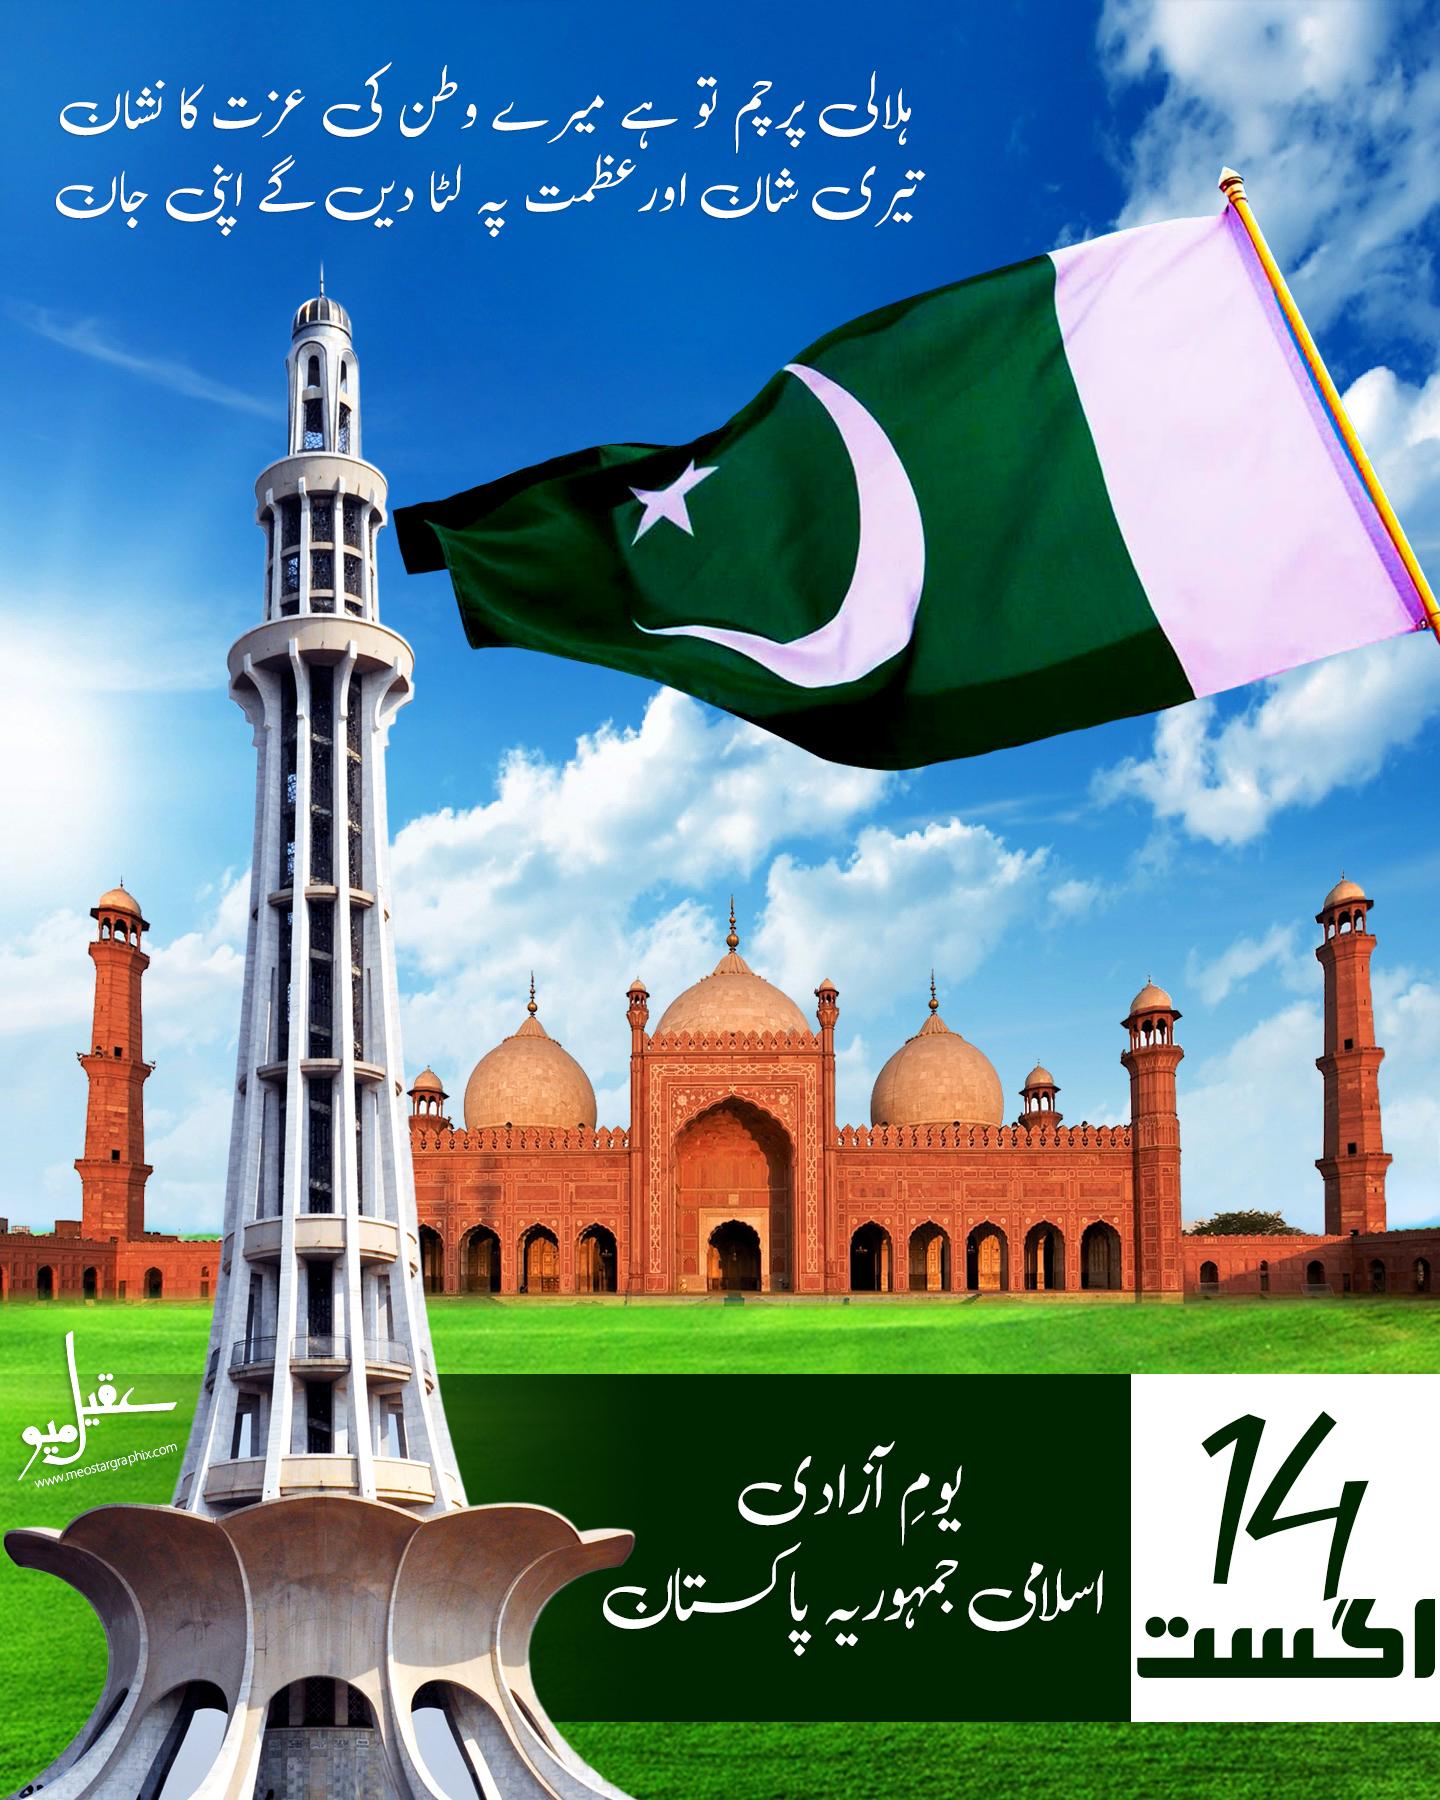 Pakistan 14 August